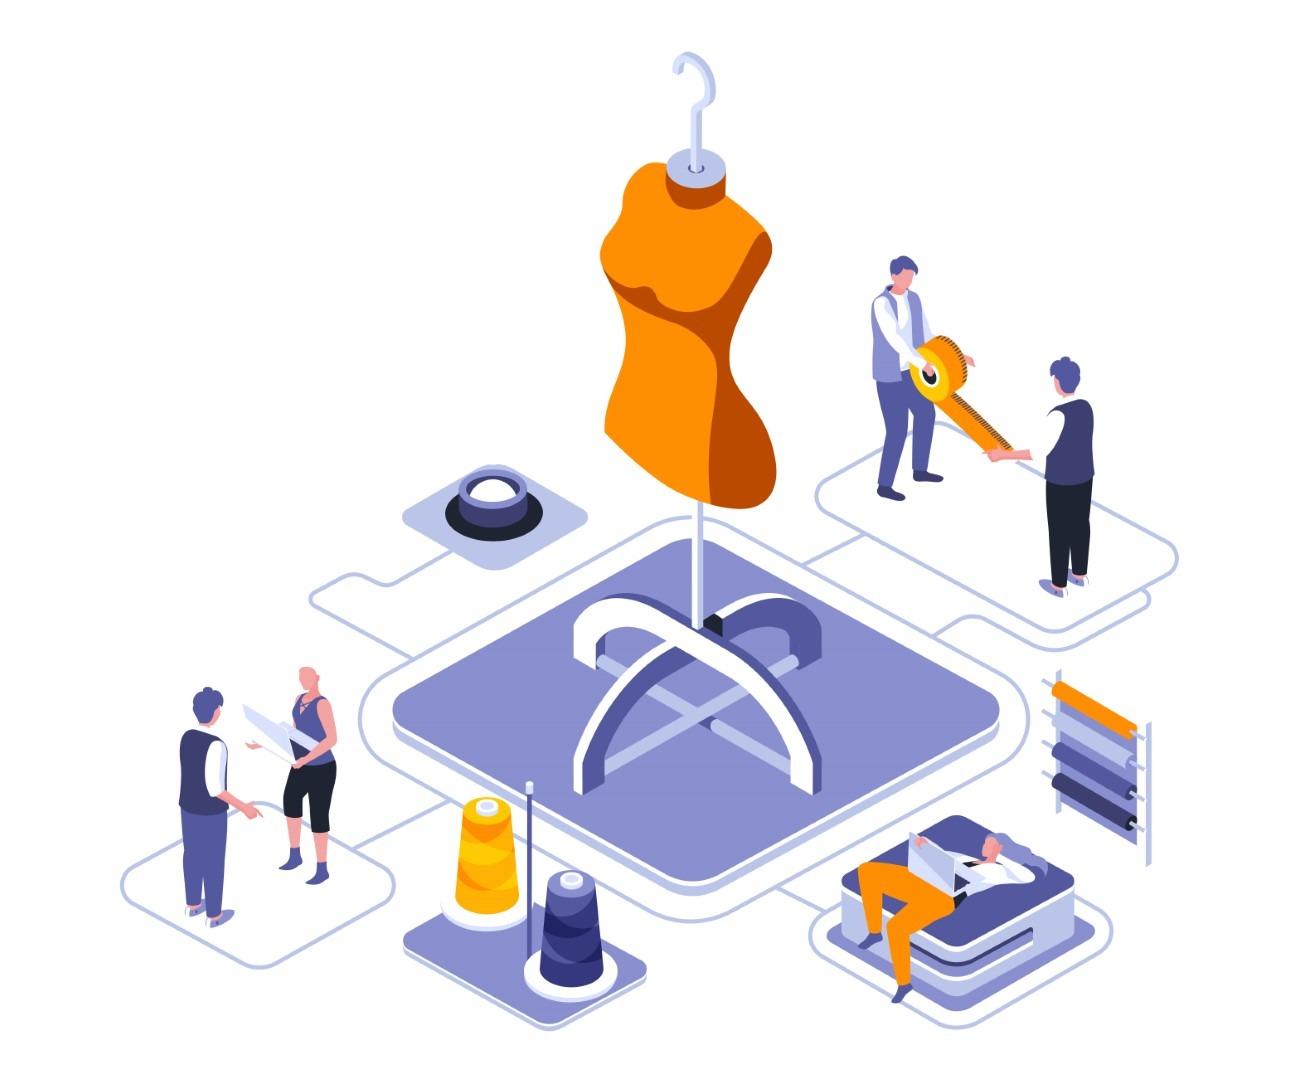 עיצוב אופנה